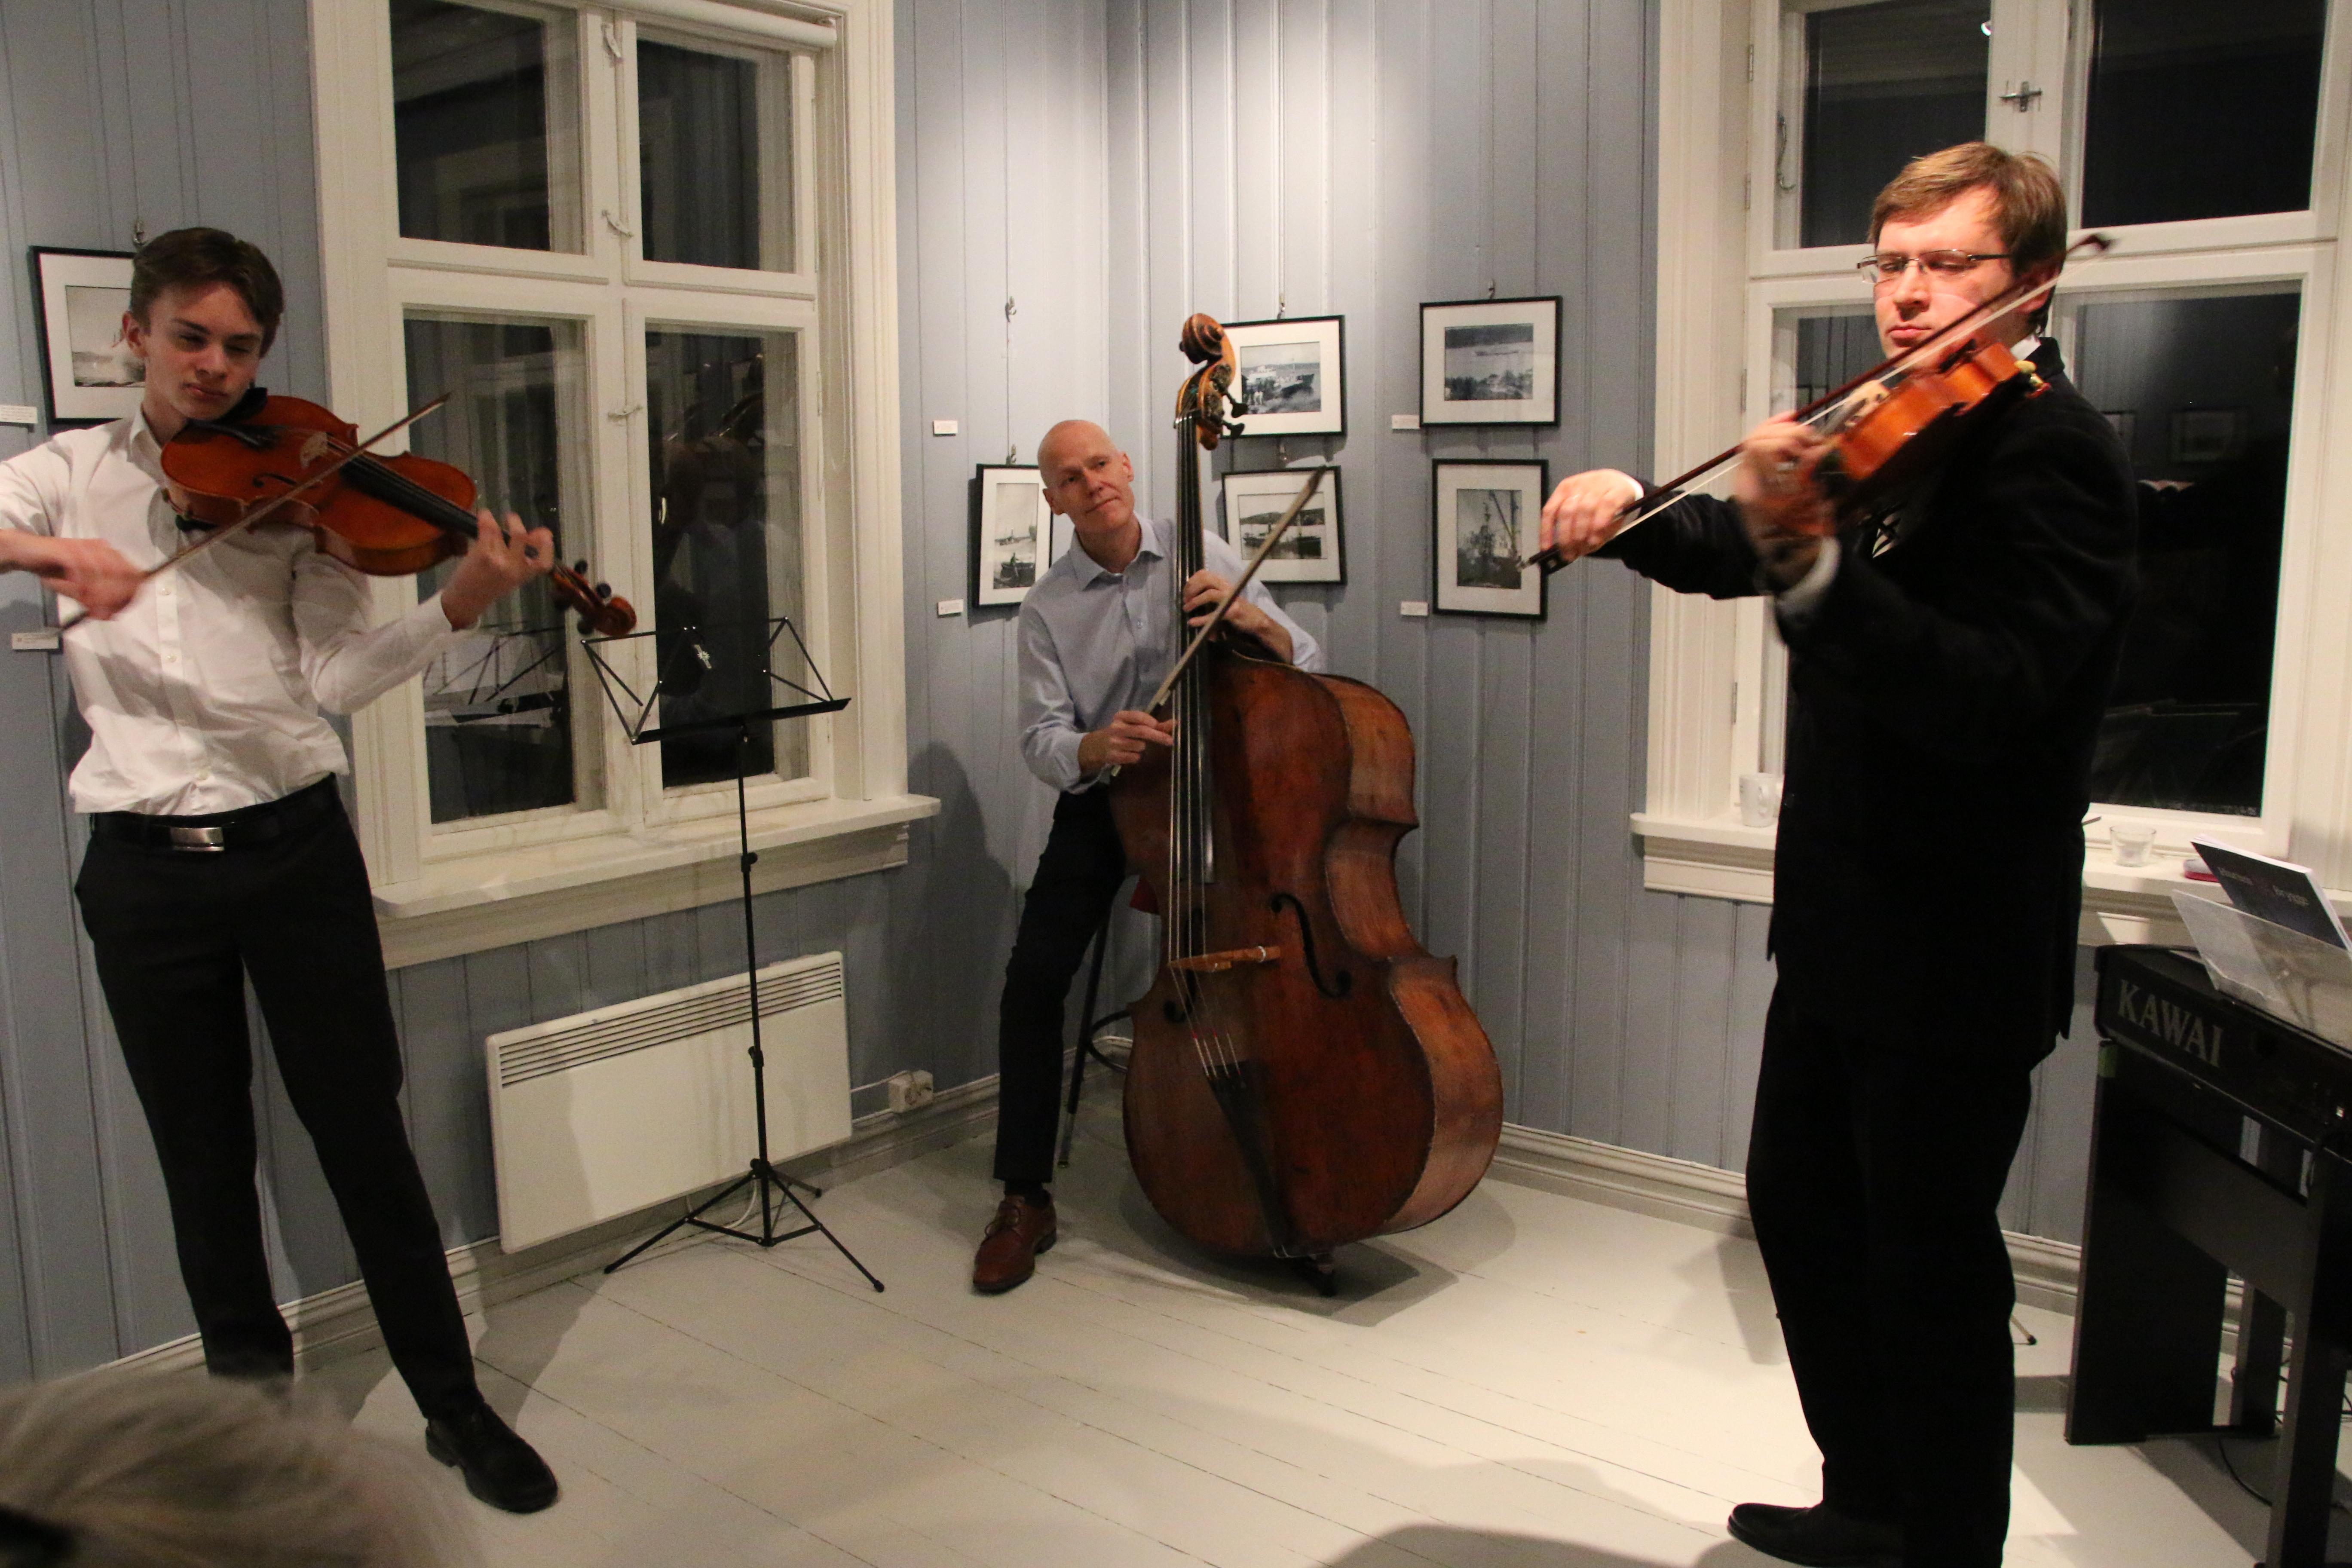 Unge Daniel i samspill med de profesjonelle musikerne